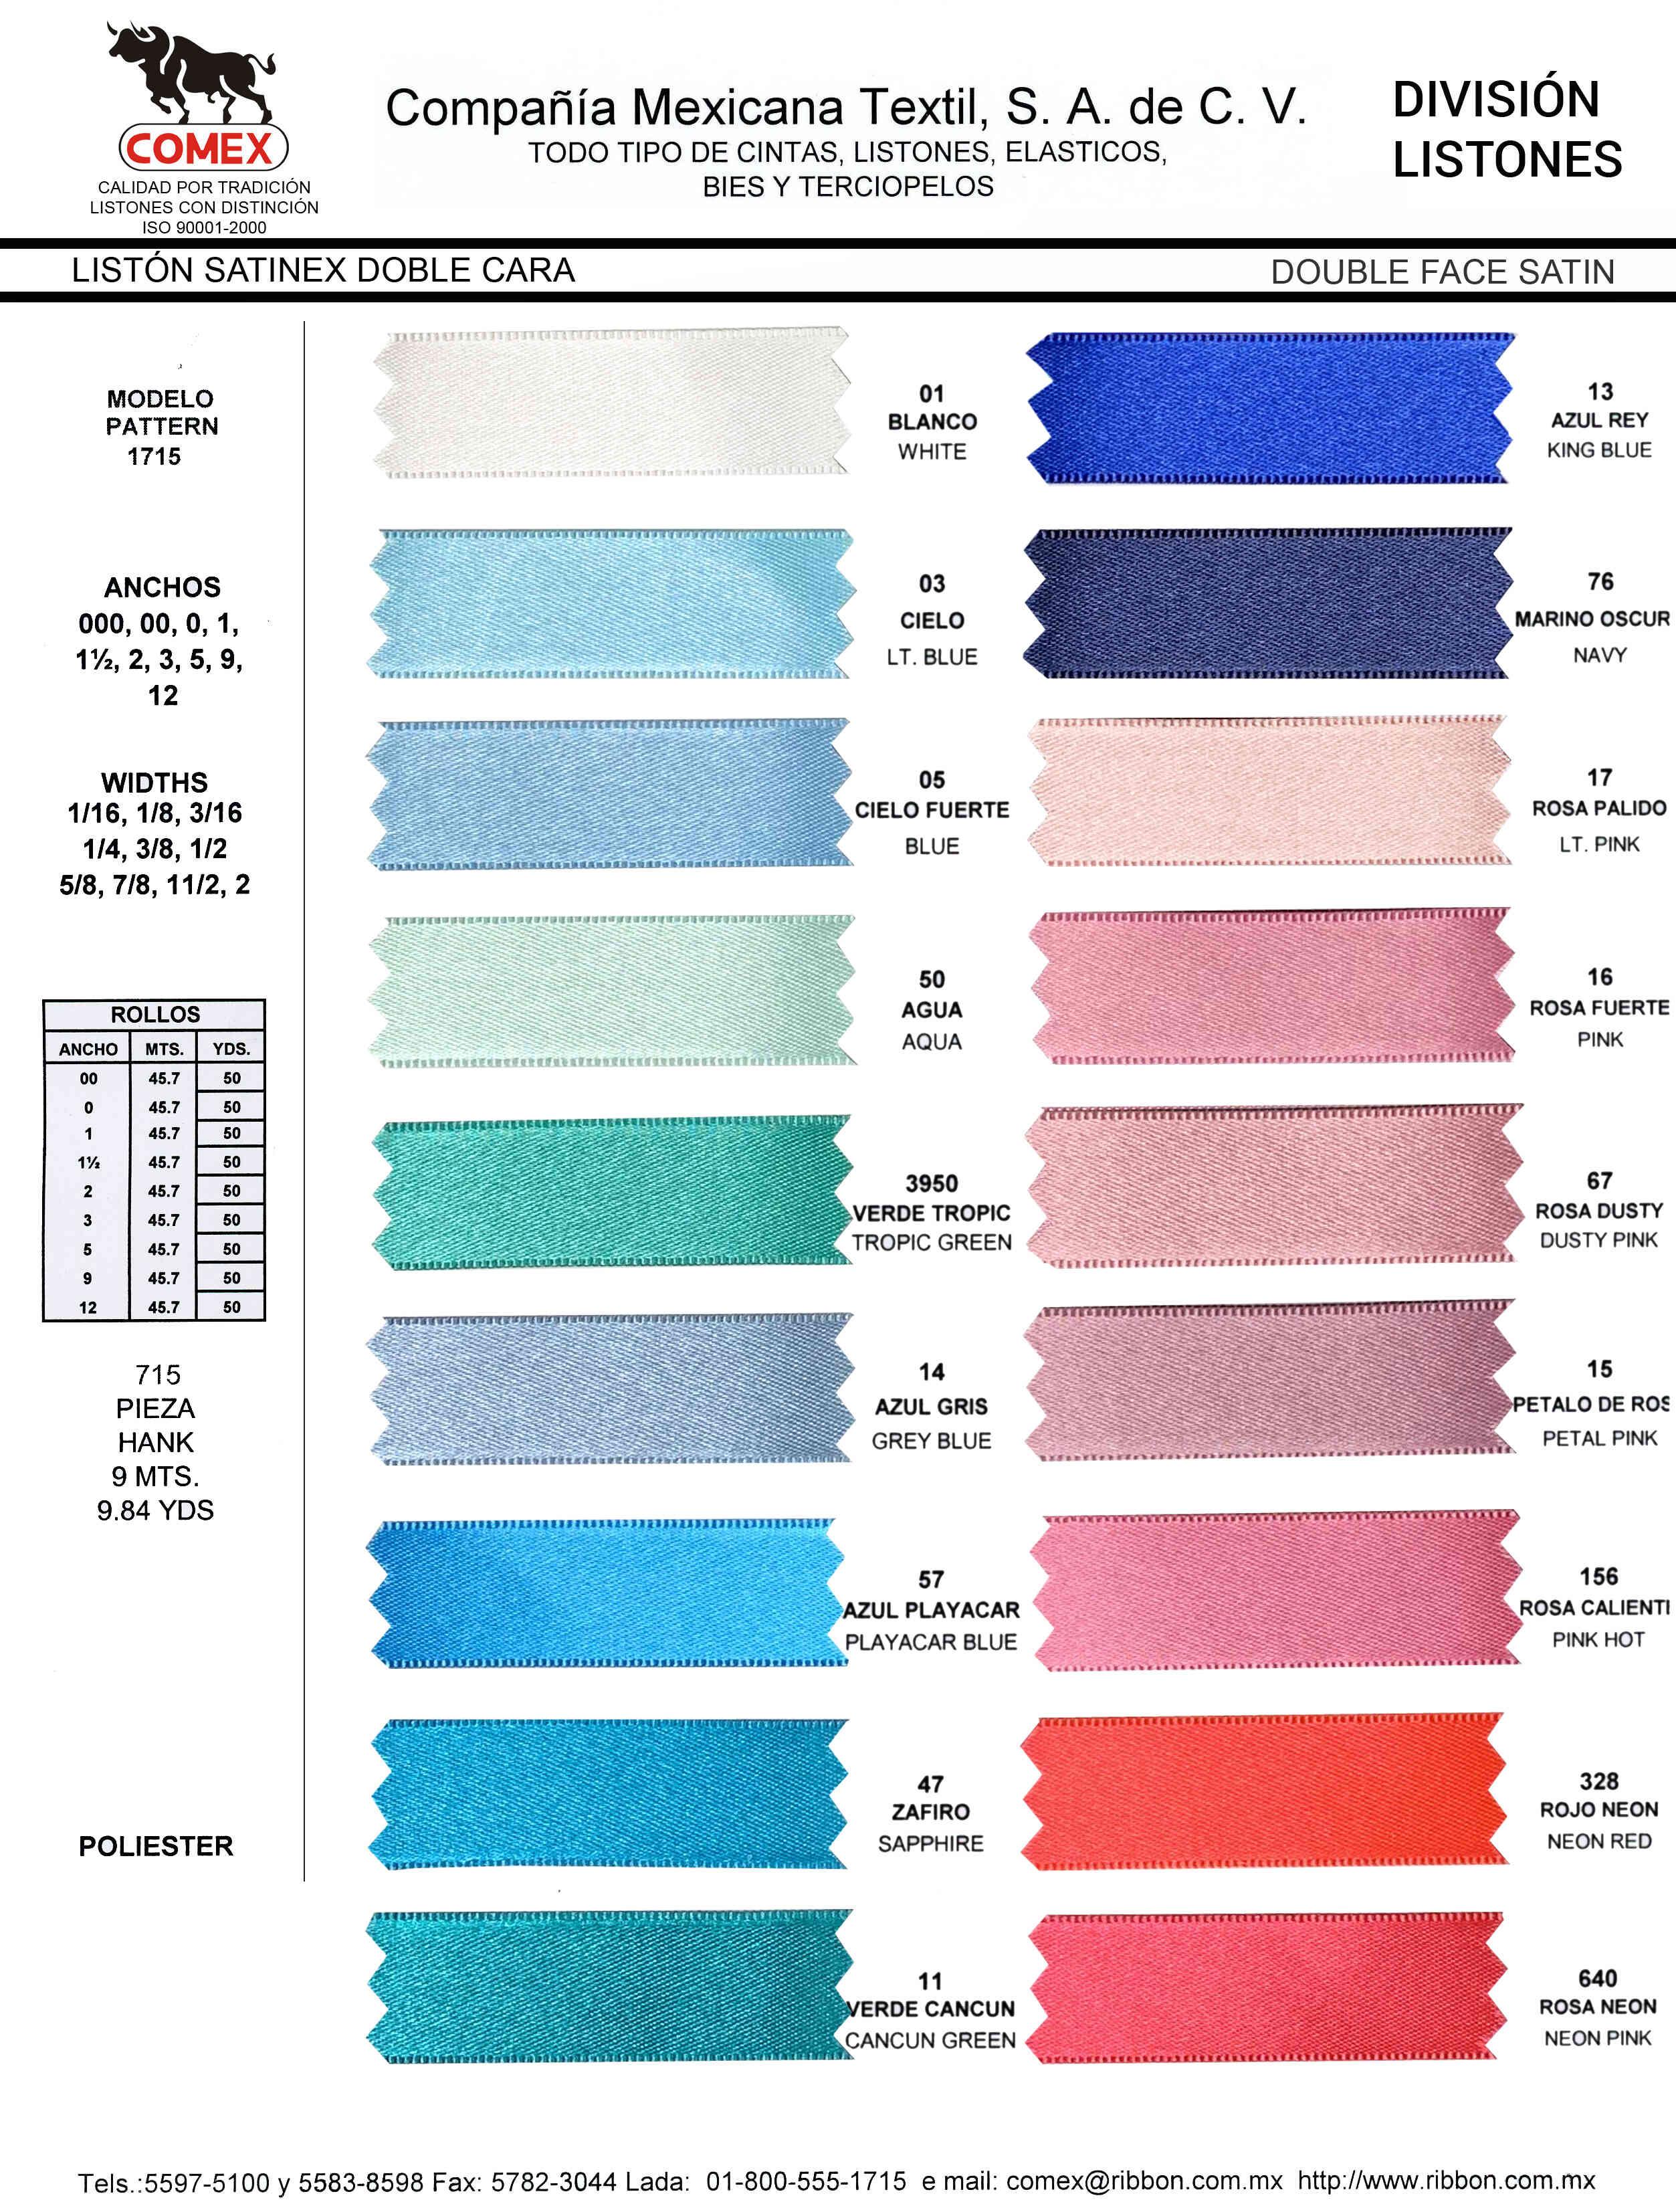 Anchos y Colores de Liston Mod.1715 45.70 Mt.